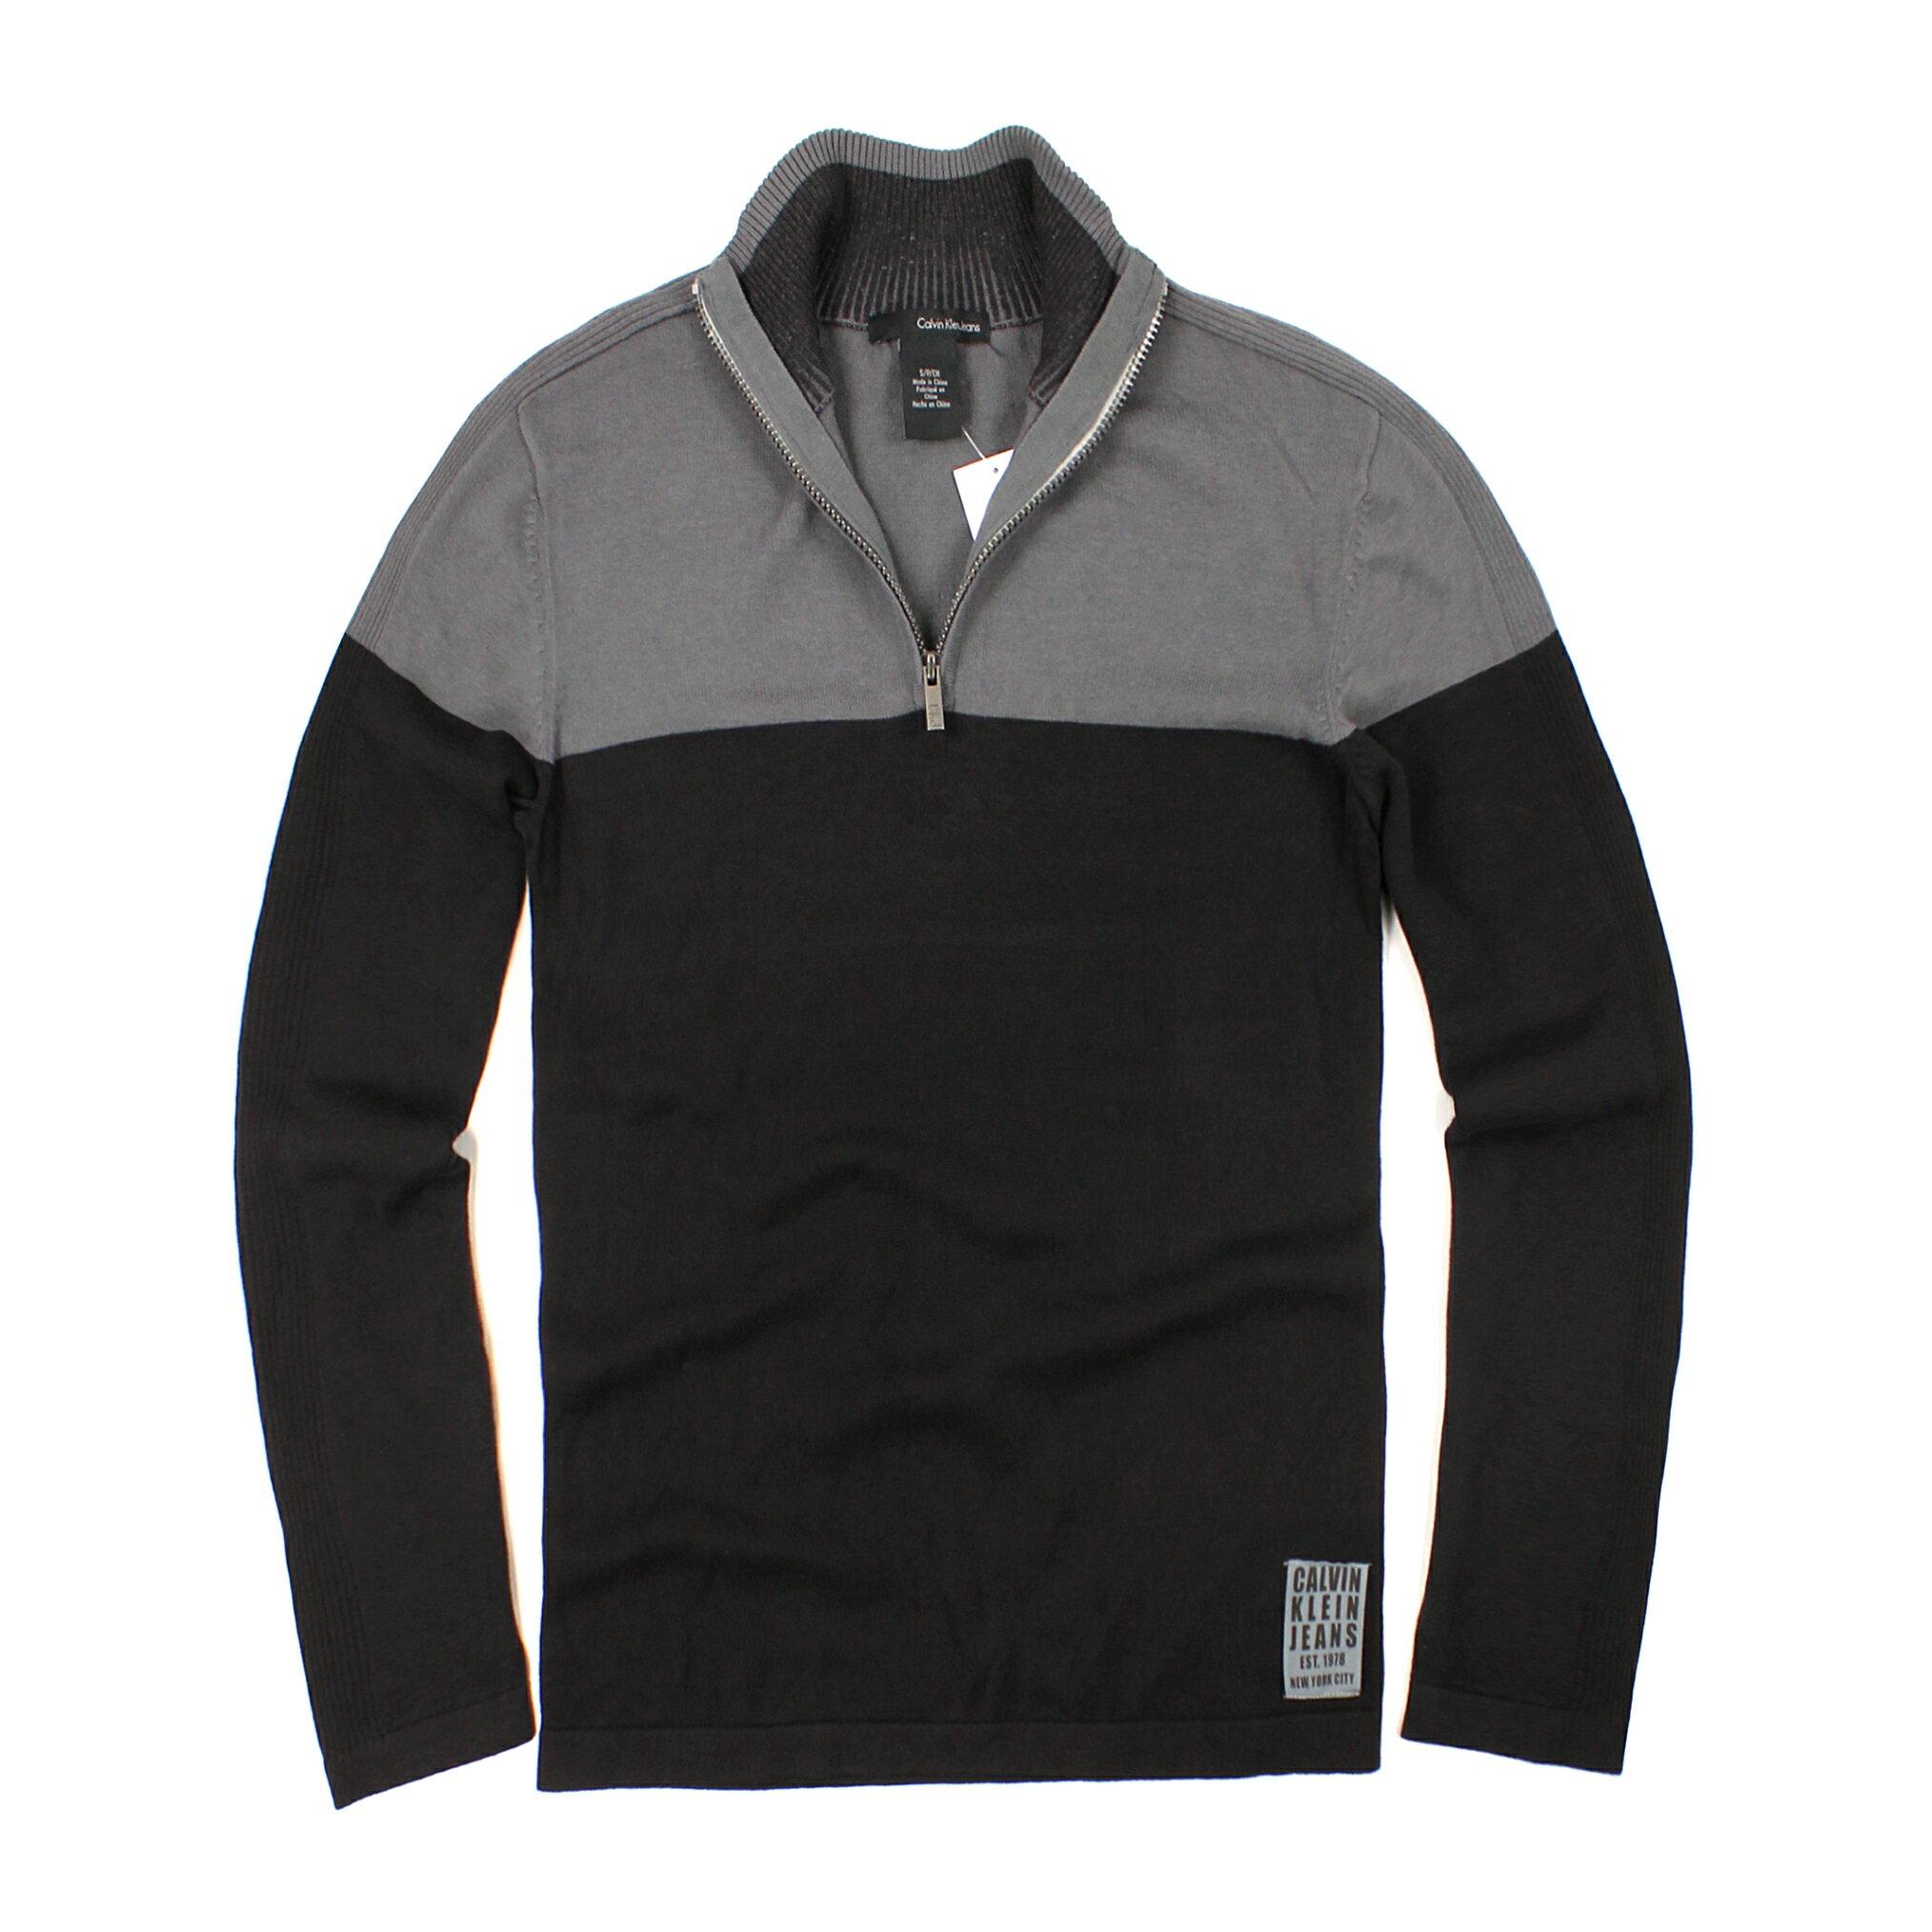 美國百分百【全新真品】Calvin Klein 針織衫 CK 線衫 棉質毛衣 黑 灰 半拉 純棉 立領 保暖 男款 S號 B524